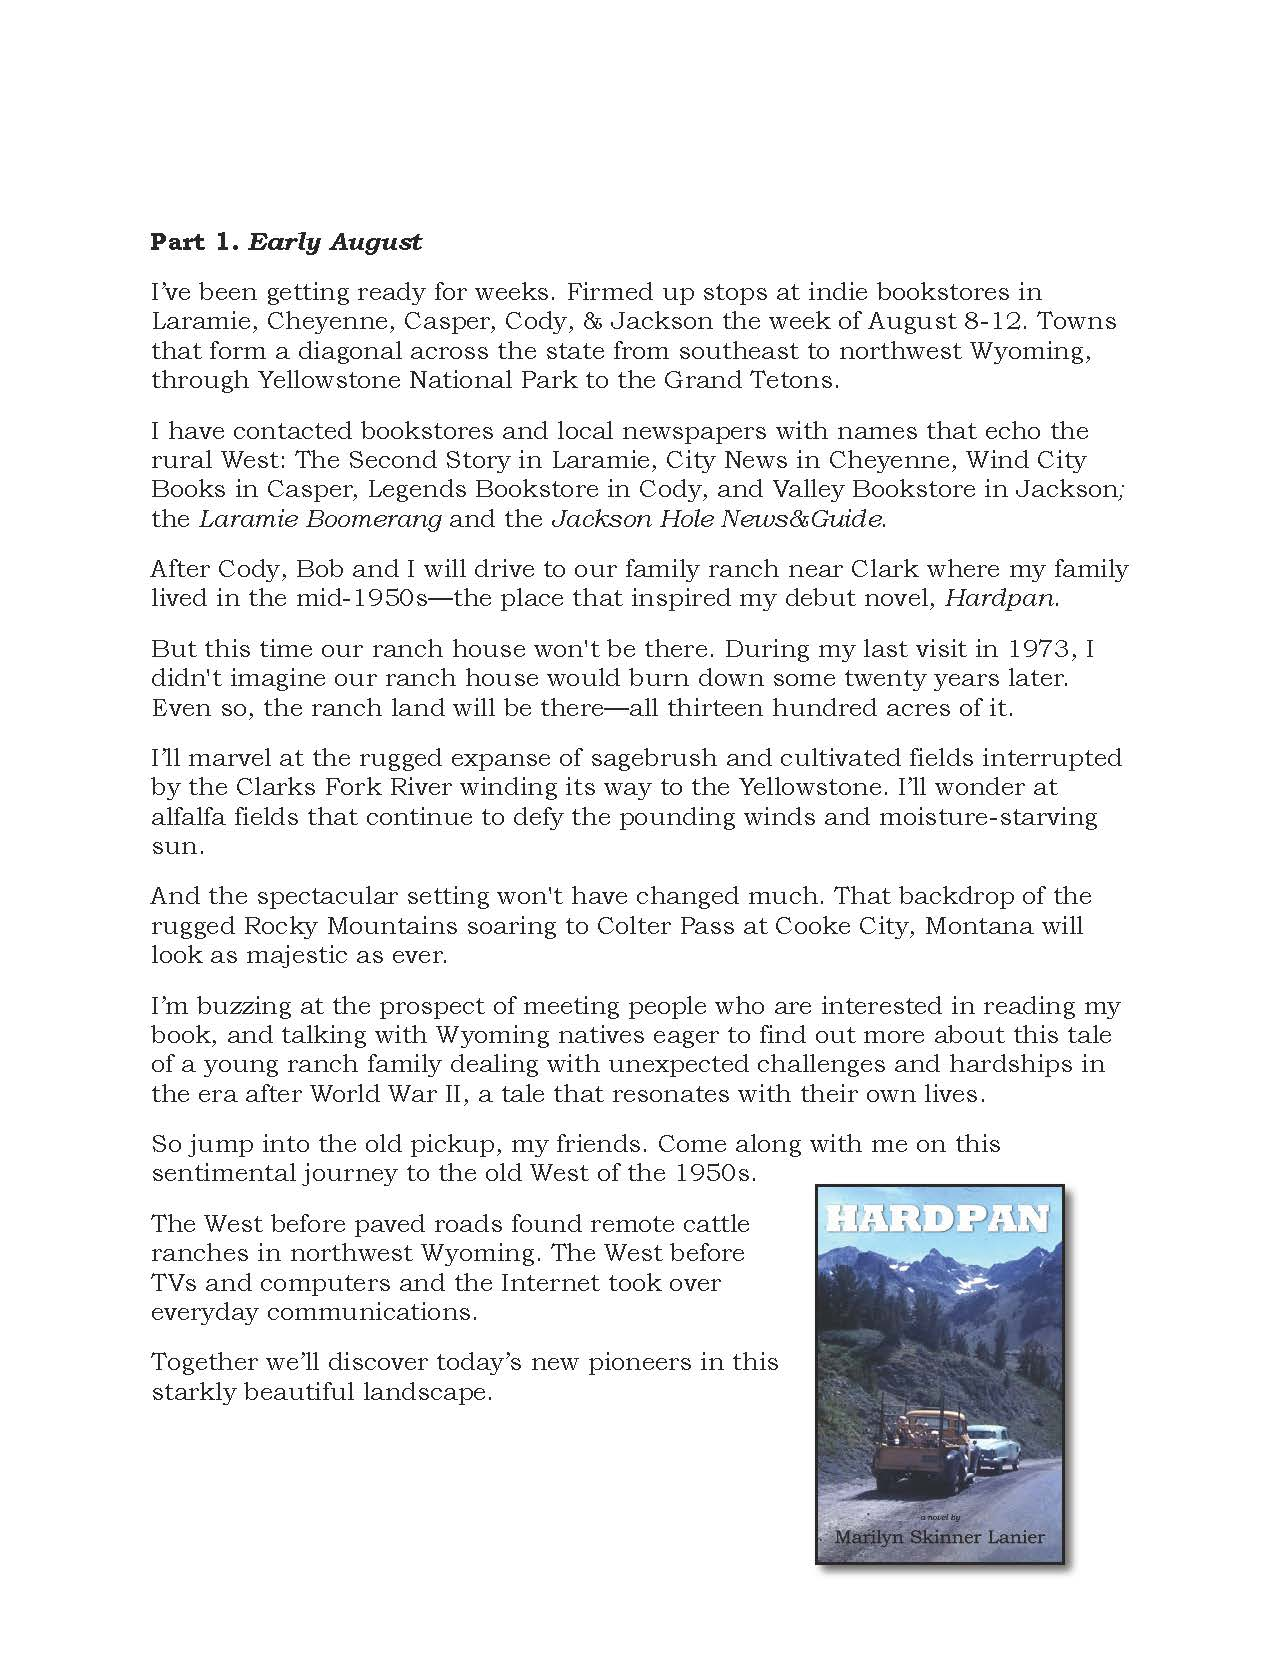 wyoming-book-tour-master-rev-10-23-16-1_page_02